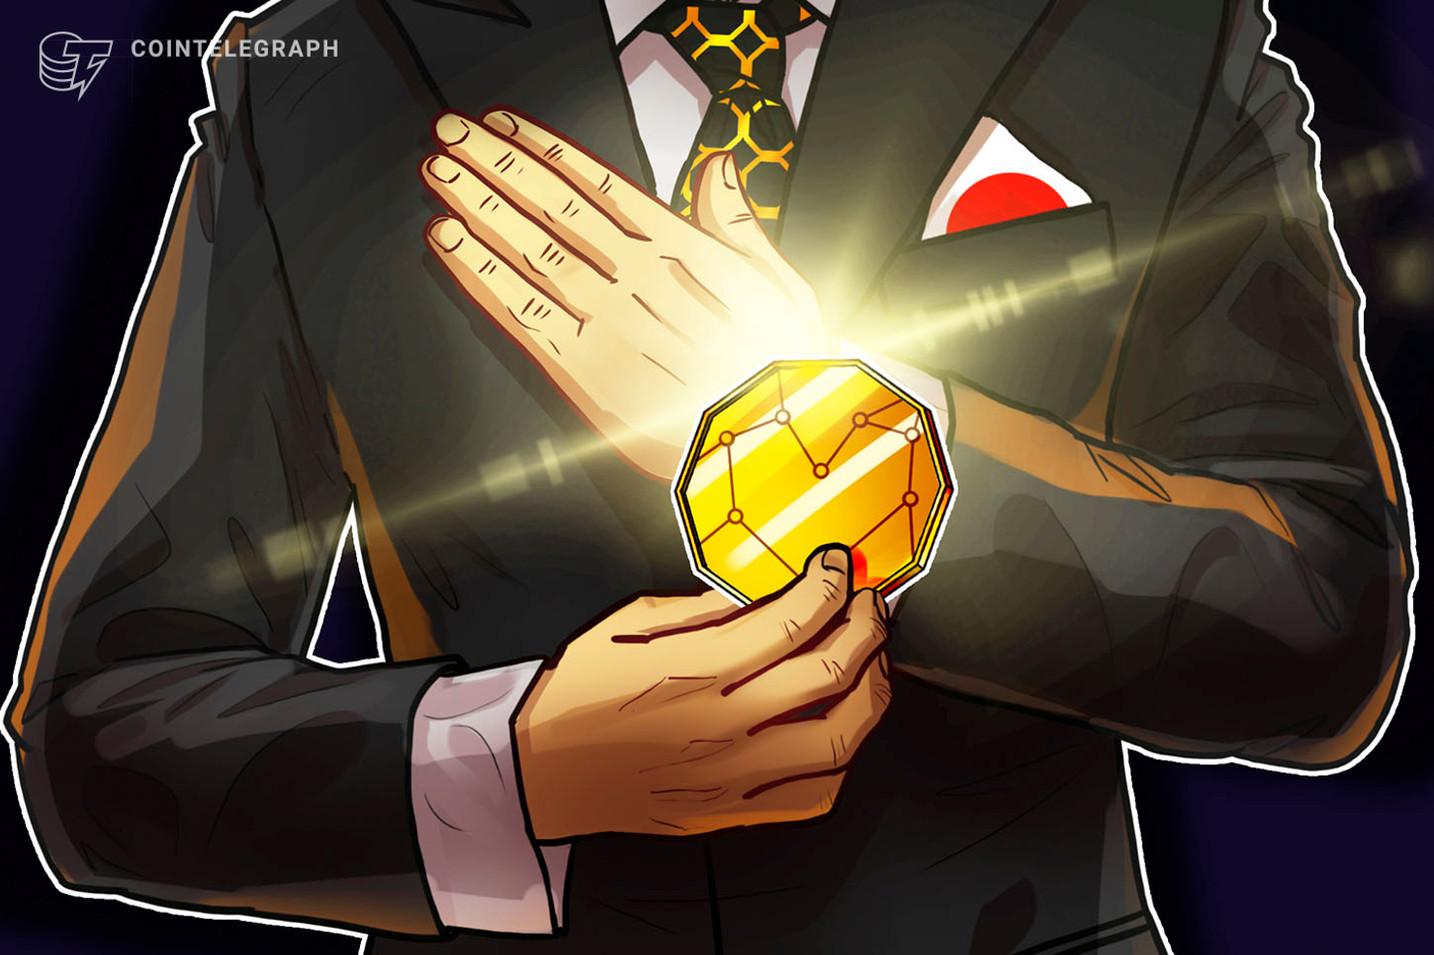 民間のデジタル通貨 2022年に実用化 30社以上連携する「デジタル通貨フォーラム」設立